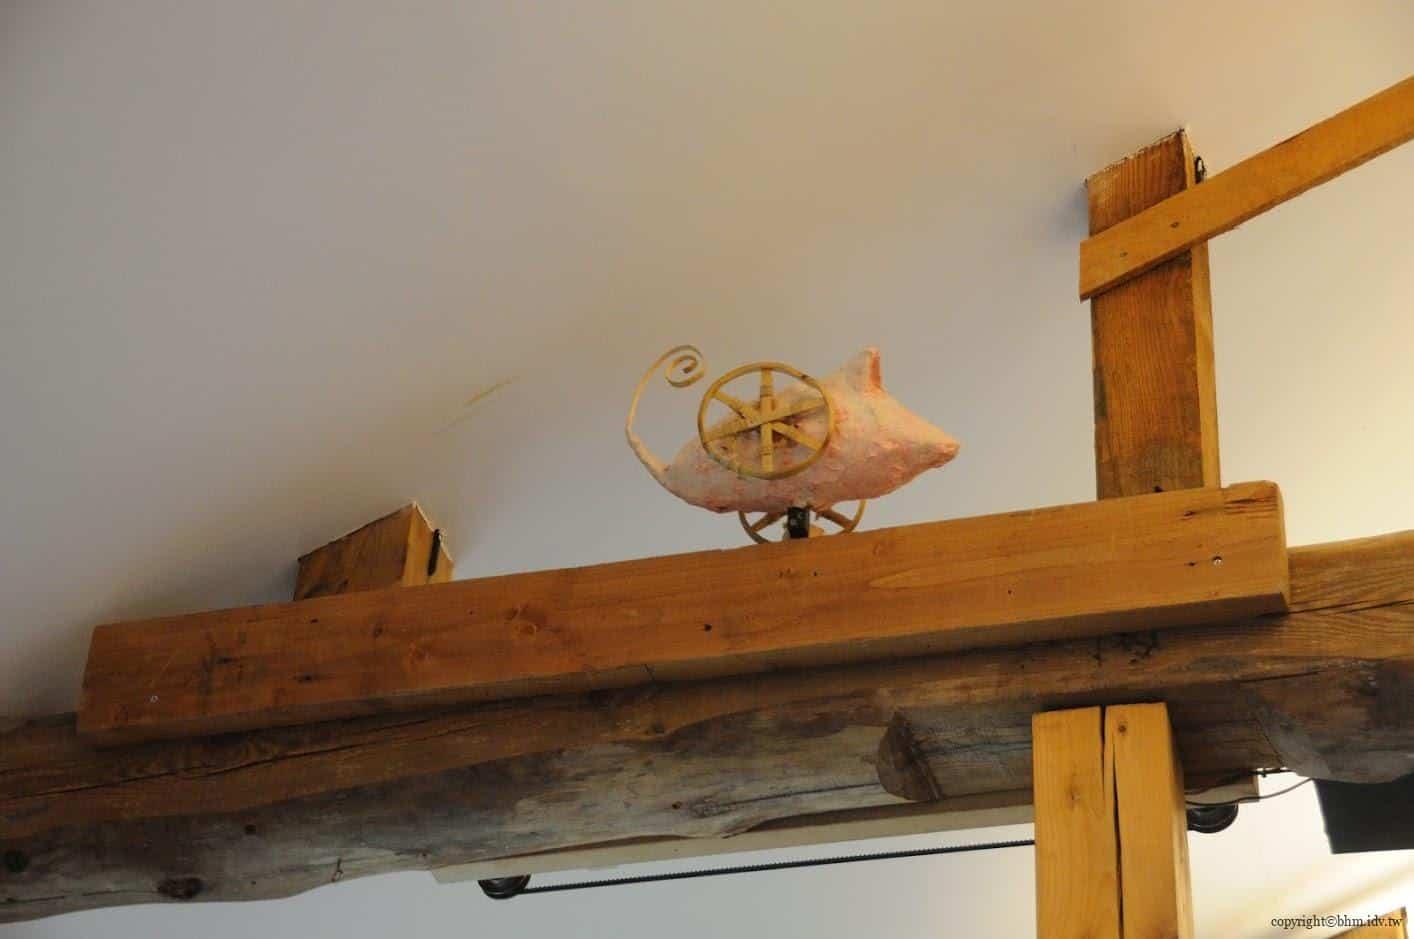 田島征三,繪本和樹木果實美術館,以「學校不是空的喔!」為主題。透過機關會自行來回移動的老鼠,機關巧思無所不在 繪本和樹木果實美術館 繪本和樹木果實美術館 hachi seizo tashima museum of picture book art 12